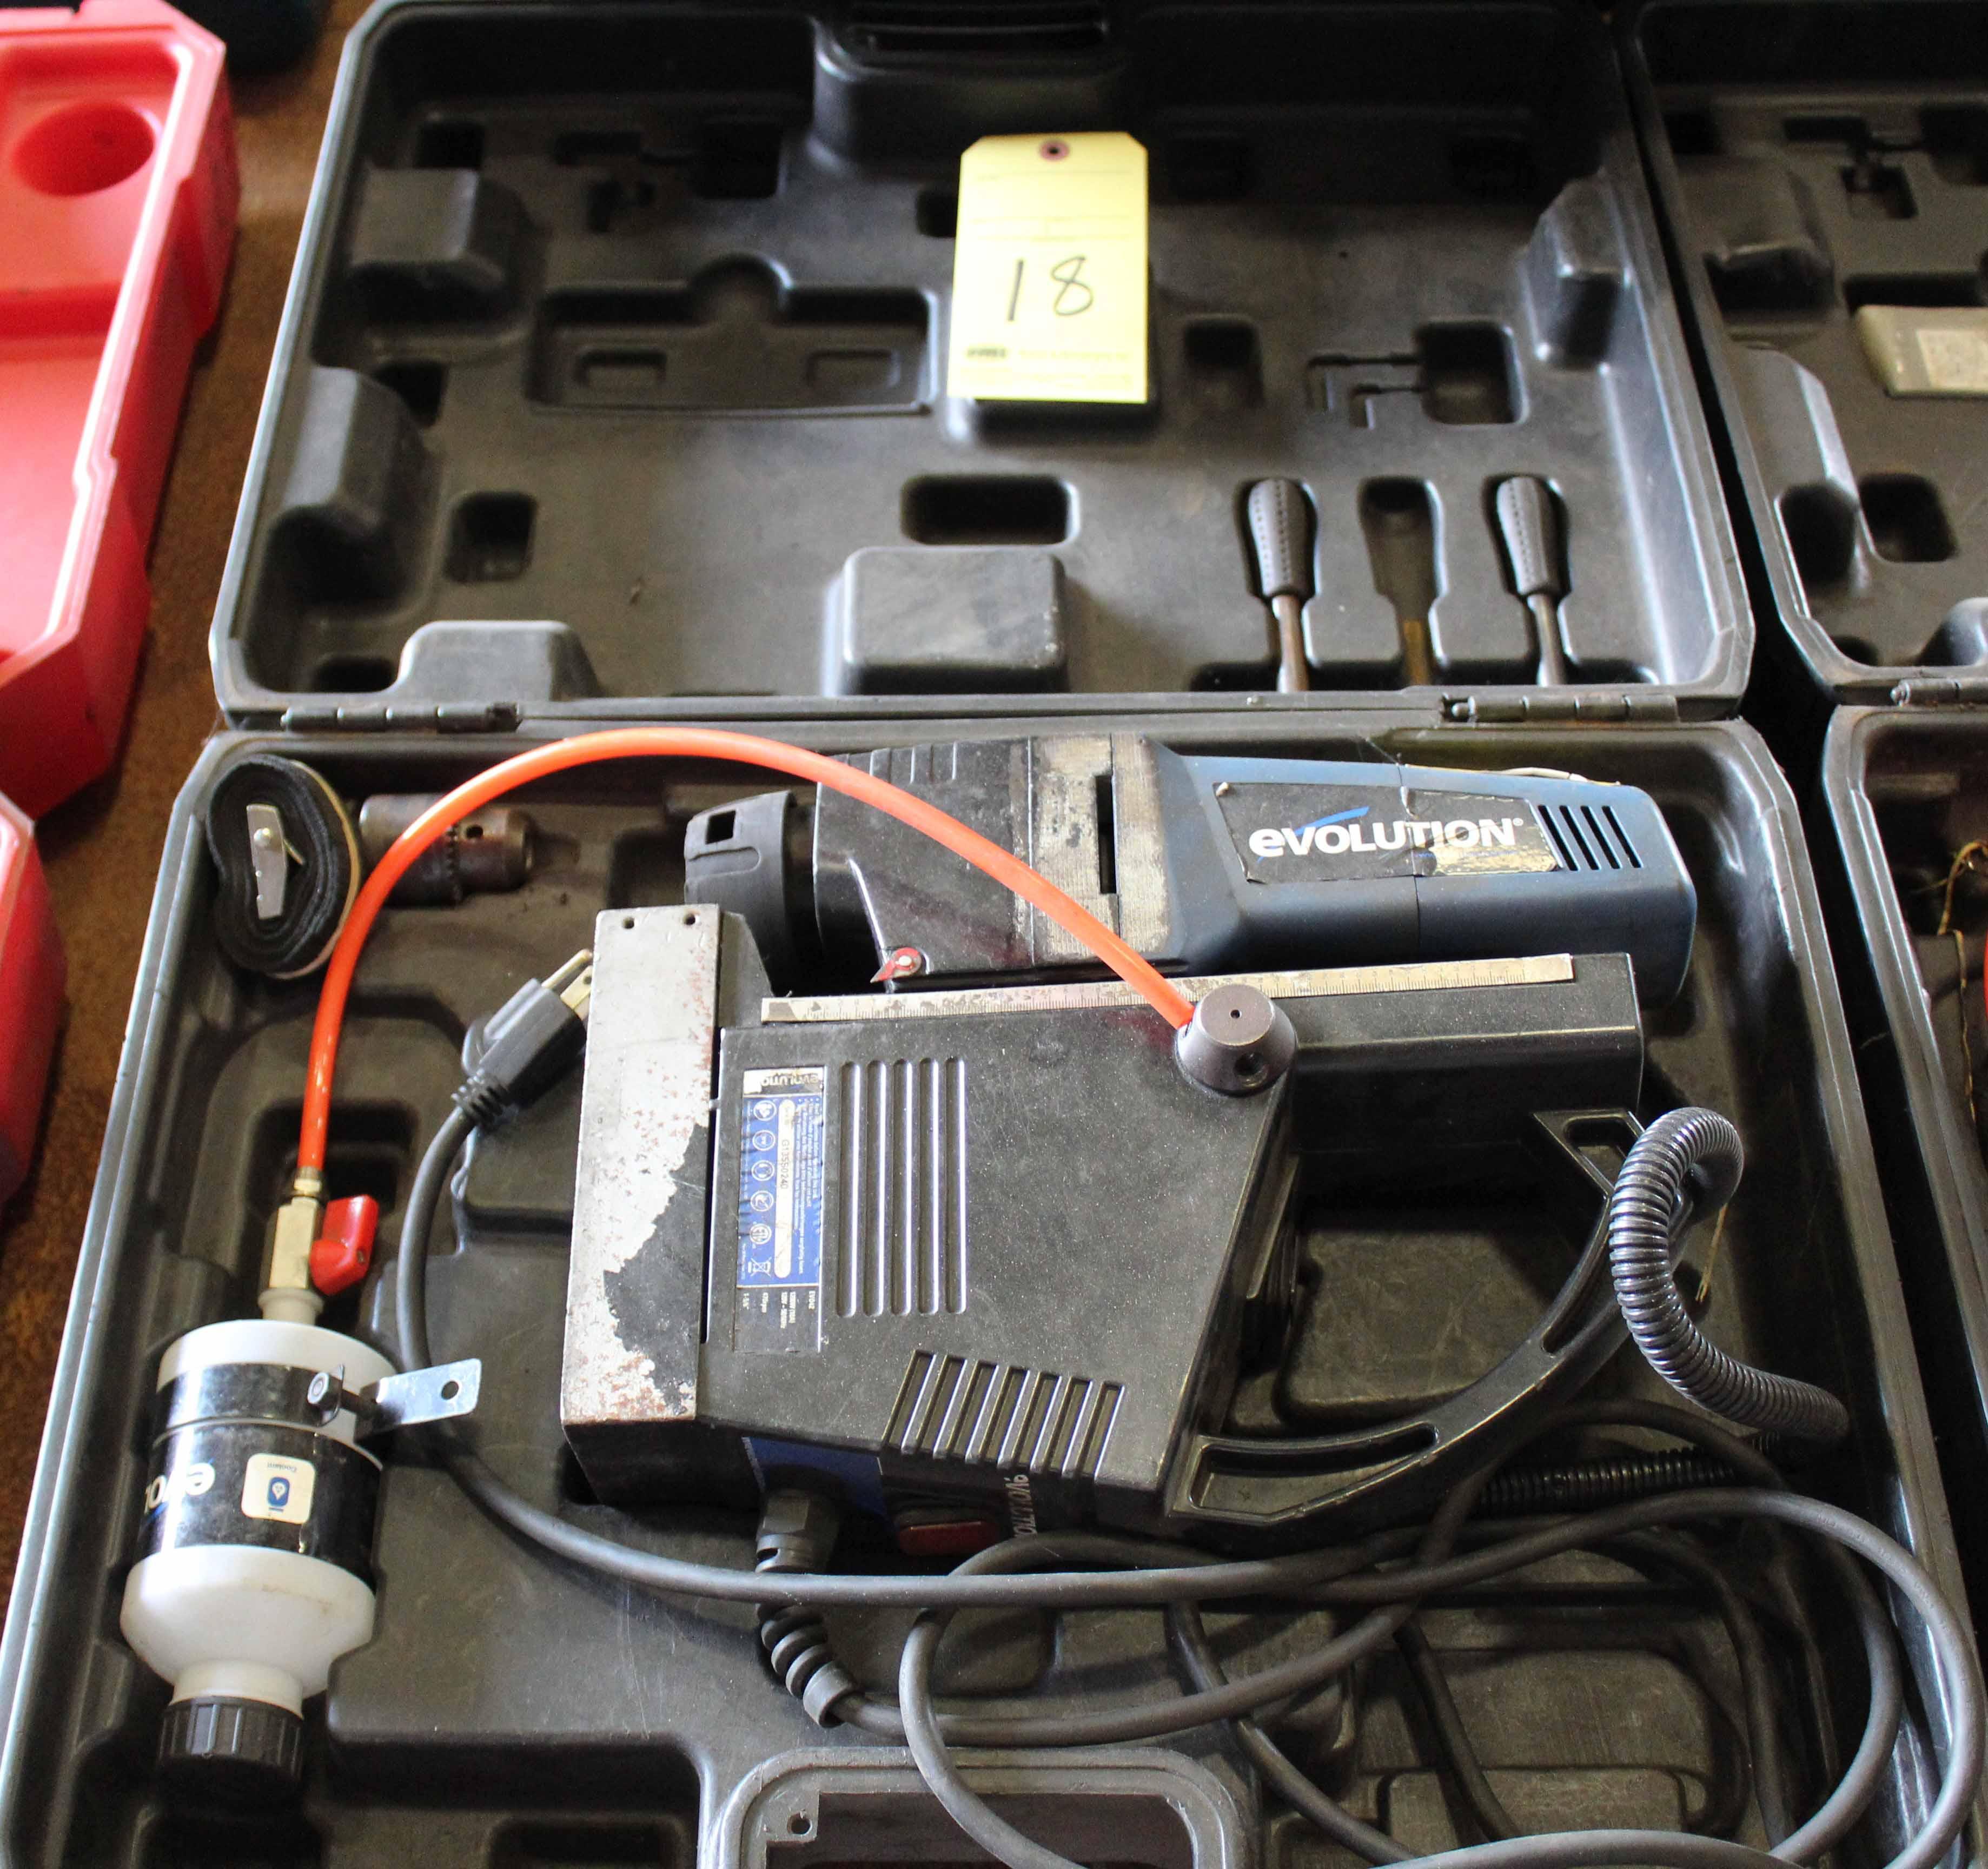 Lot 18 - MAGNETIC BASE DRILL, EVOLUTION MDL. EV042